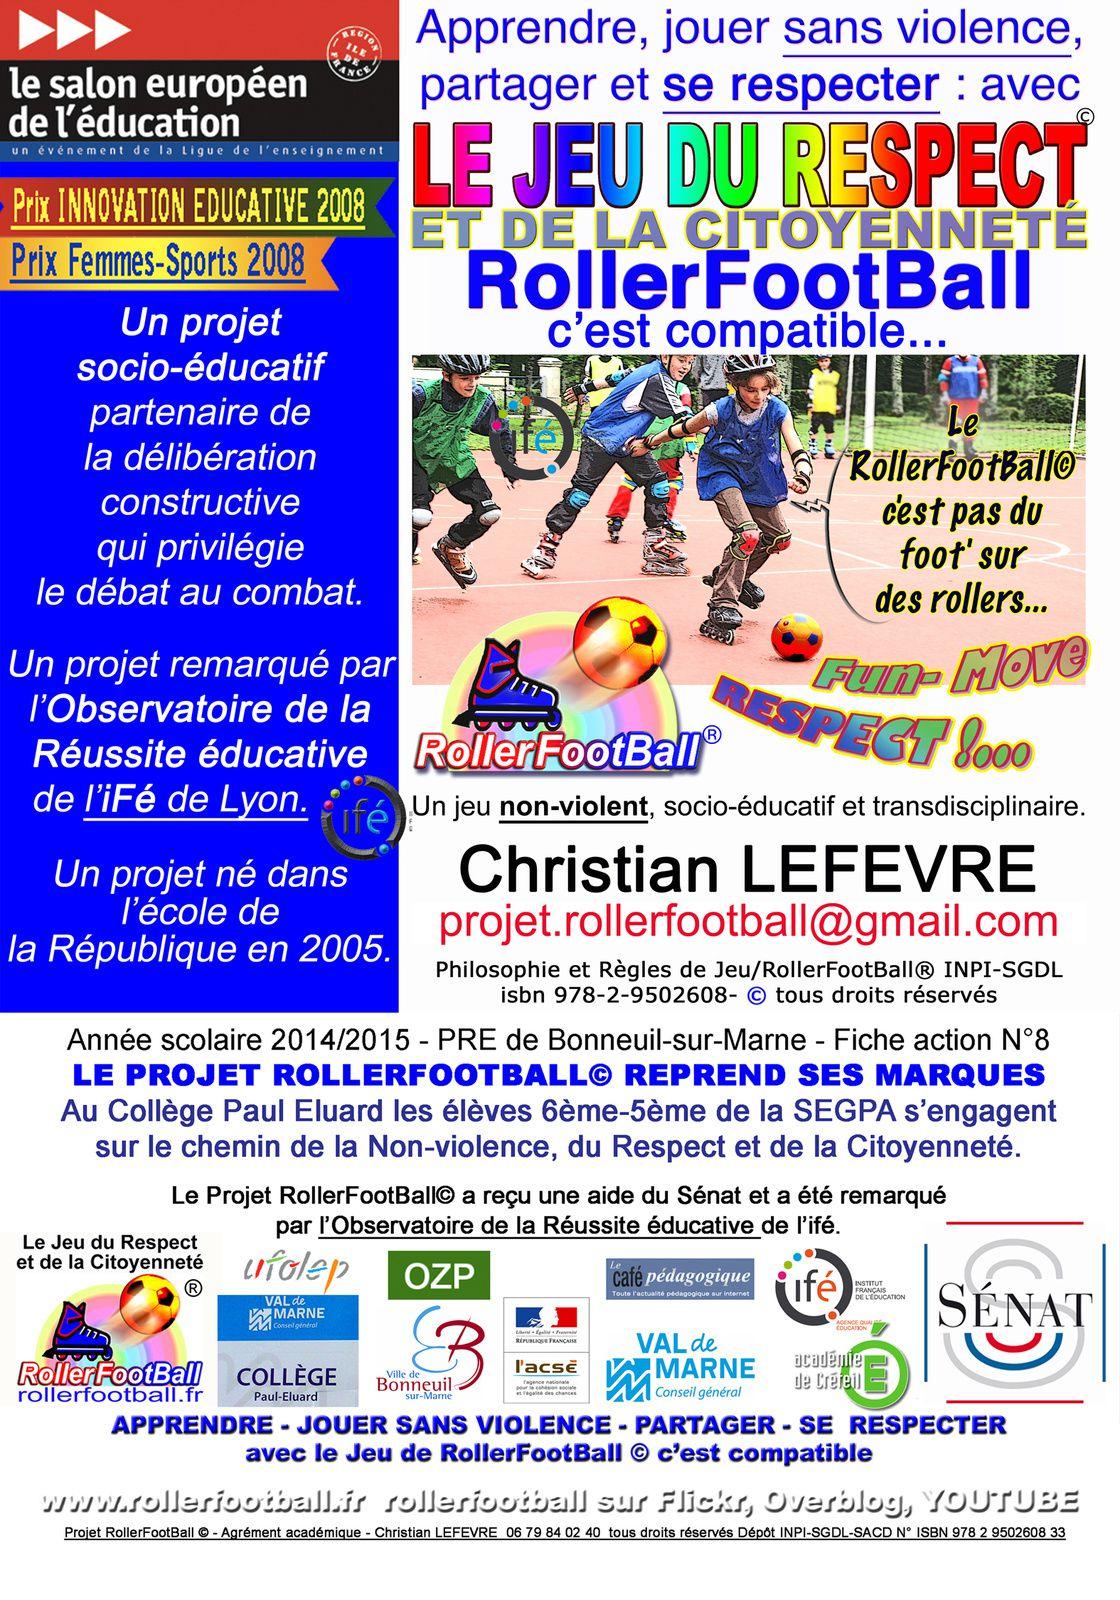 A l'occasion du Salon Européen de l'Education de Paris...